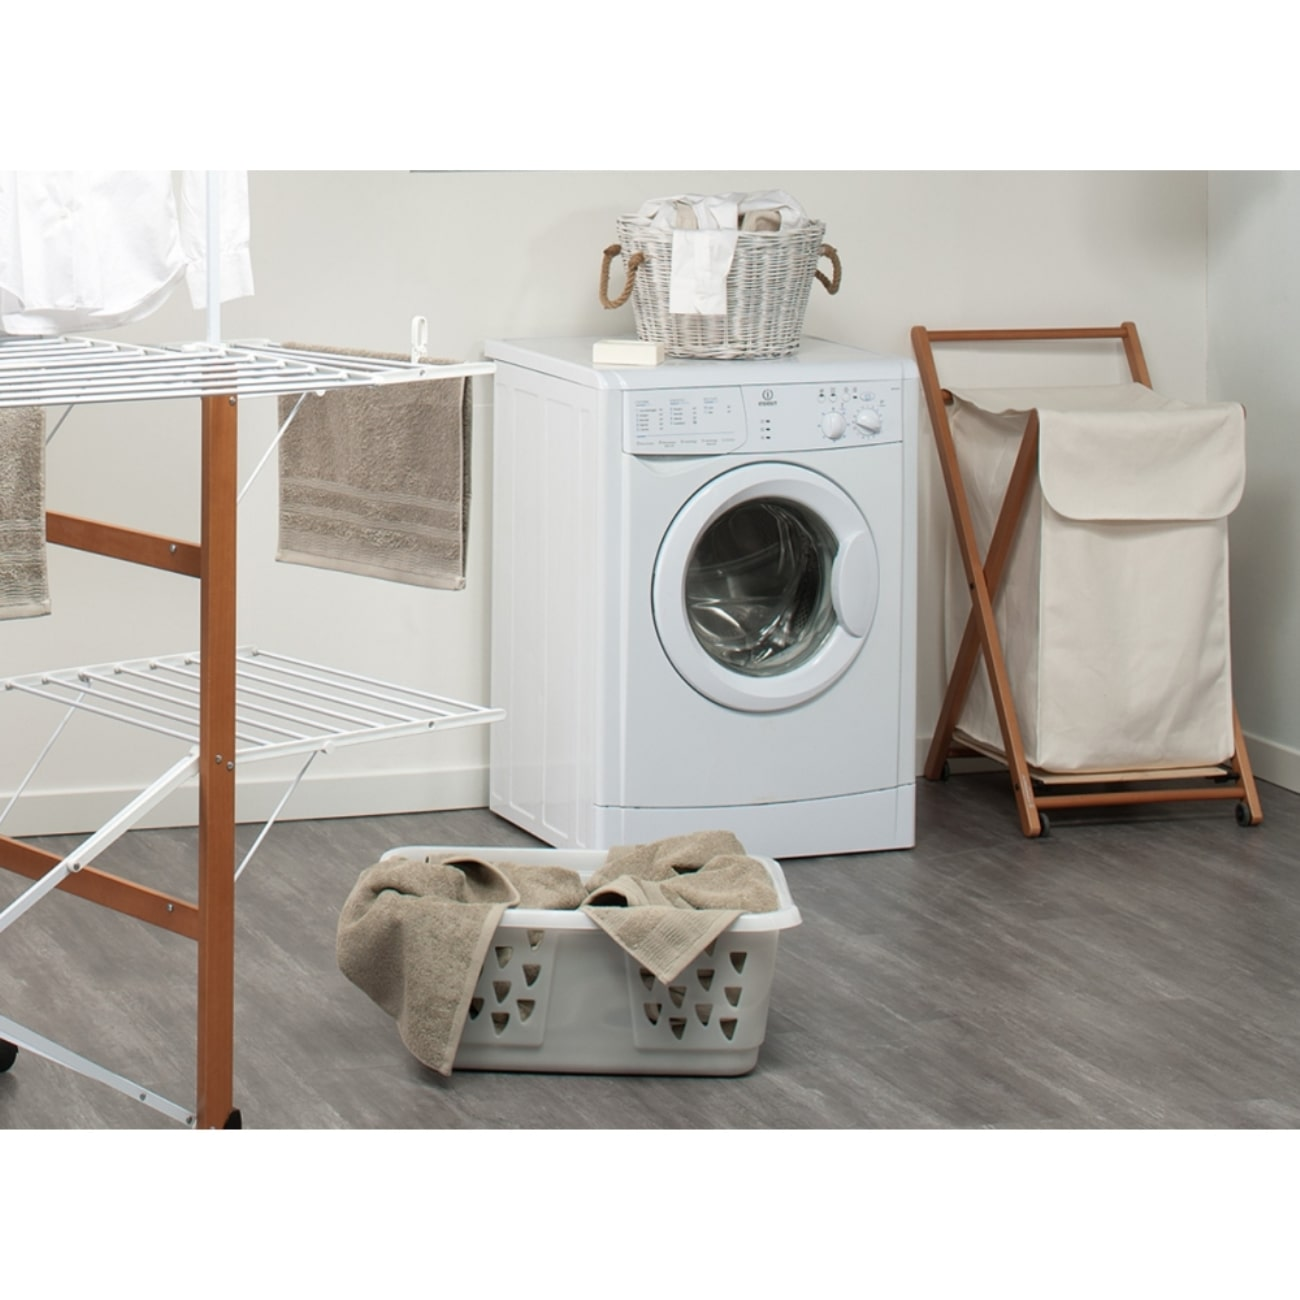 Ванная комната, итальянская мебель сушилка для белья, корзина для белья от Foppapedretti, стиральная машинка